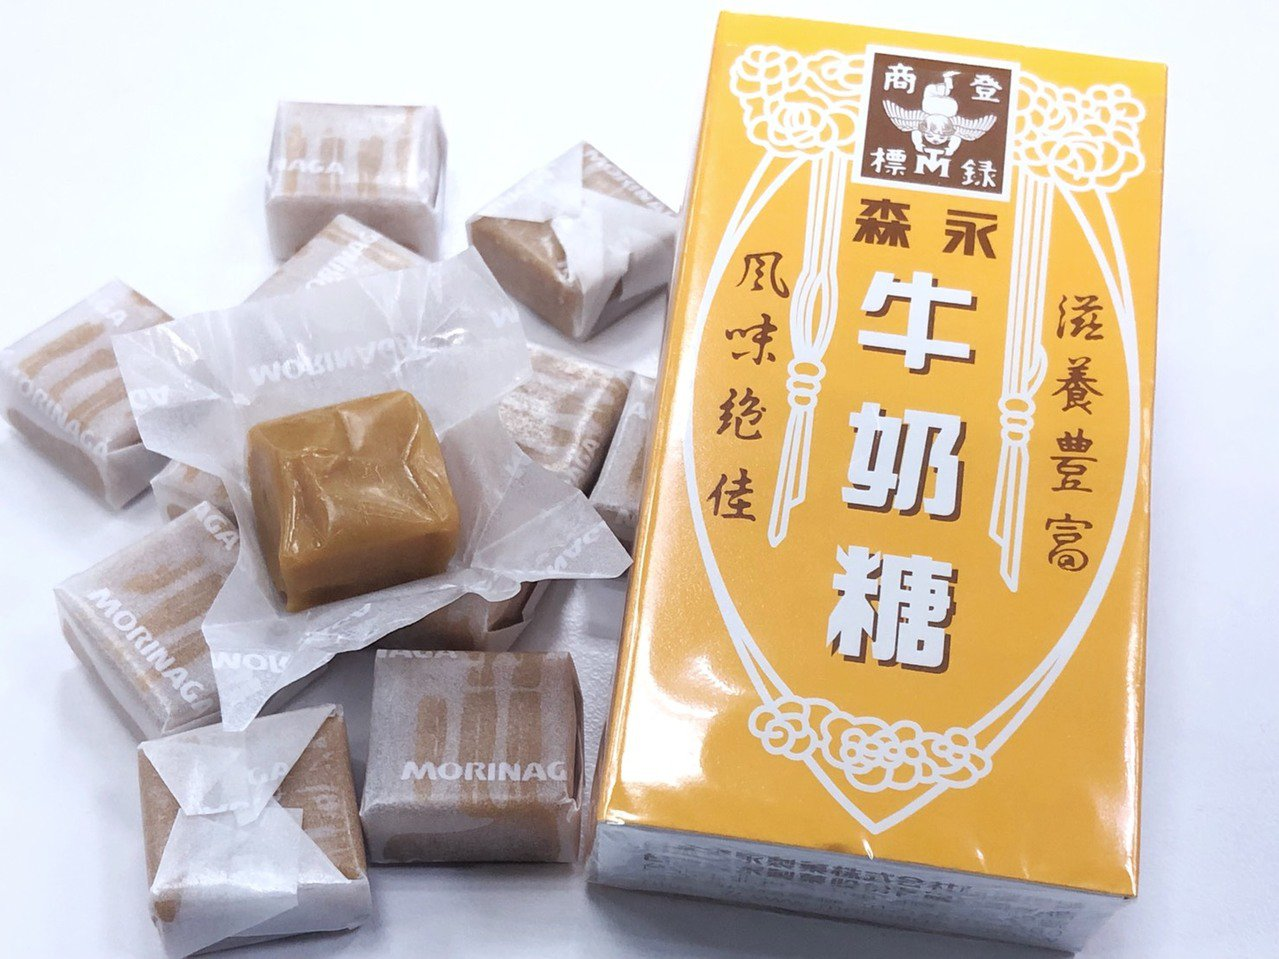 衛福部食藥署近日執行中元節食品稽查專案結果出爐,其中2件為知名零食「森永牛奶糖」...